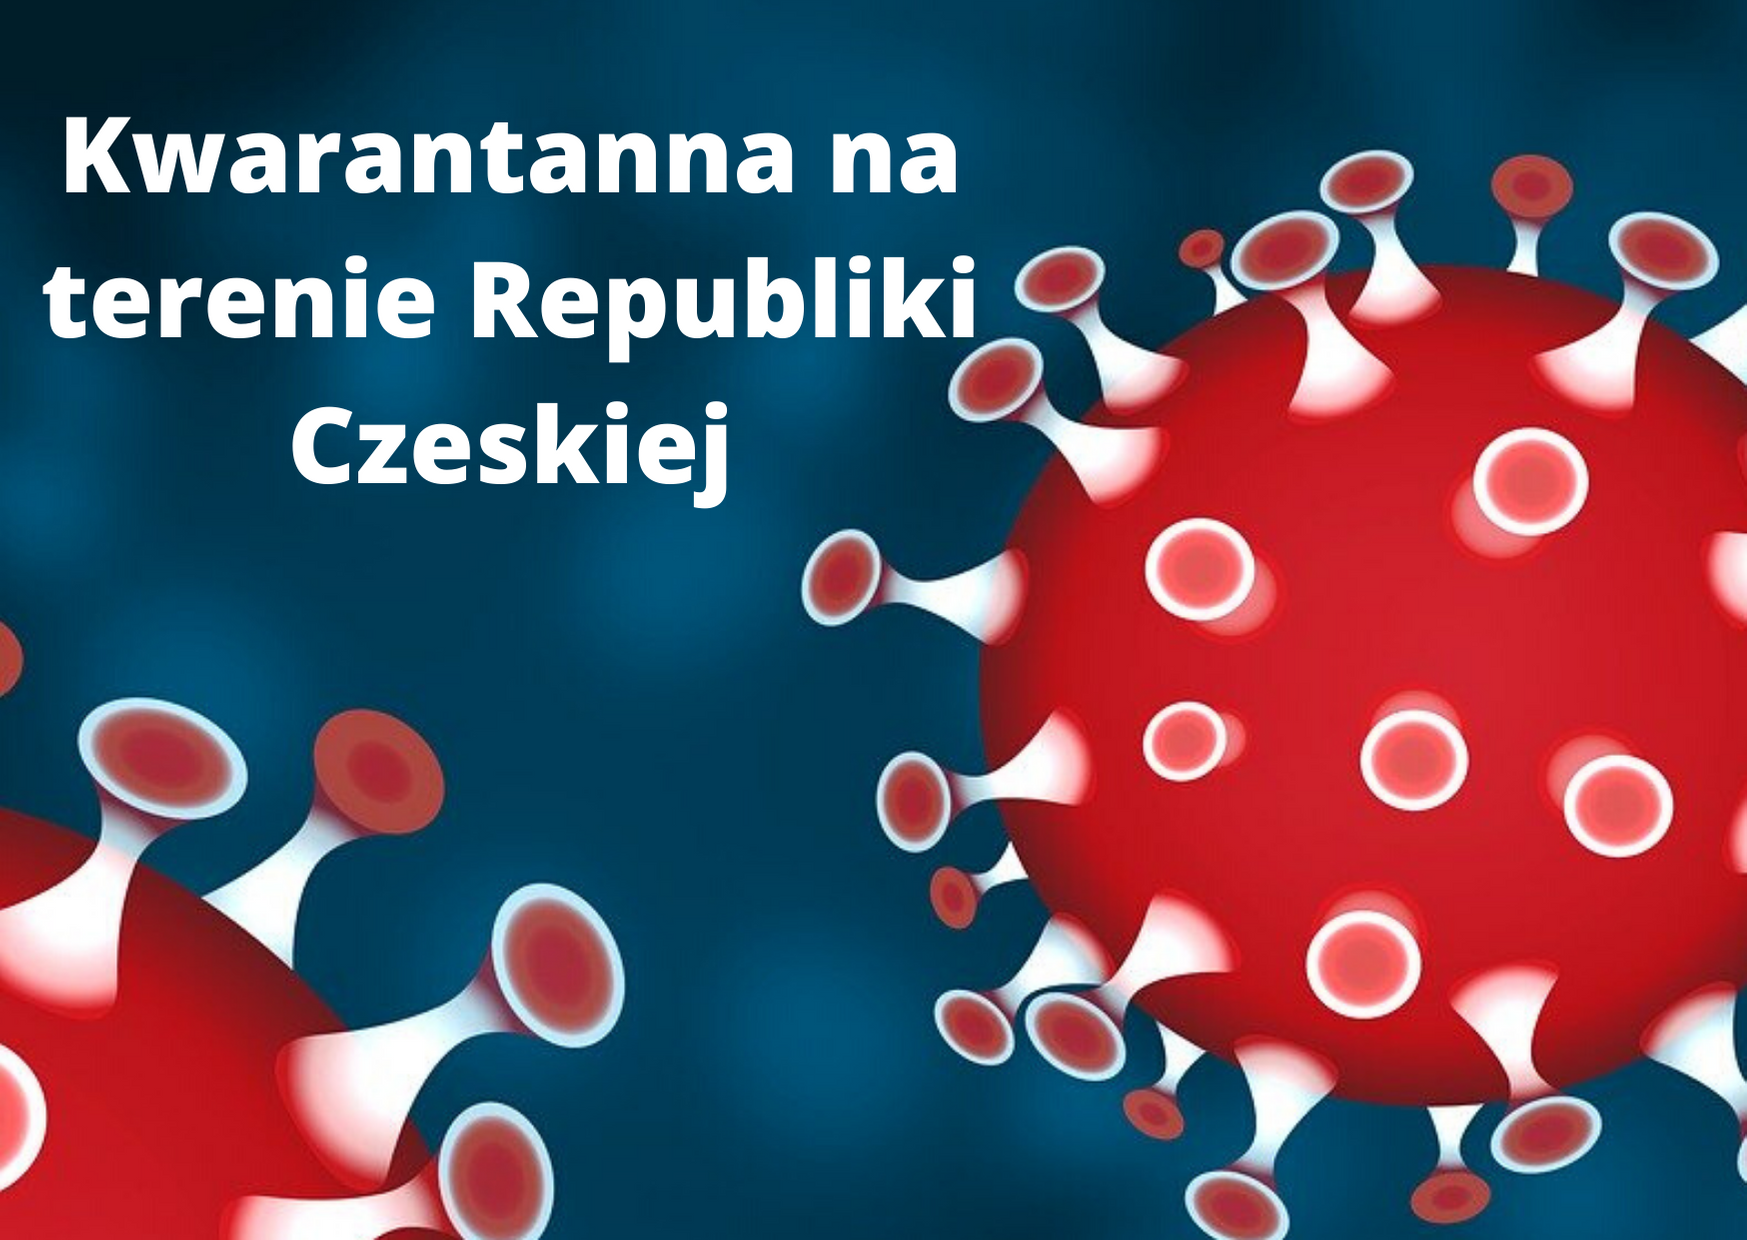 Ograniczenie swobodnego przemieszczania się na terenie Republiki Czeskiej od jutra